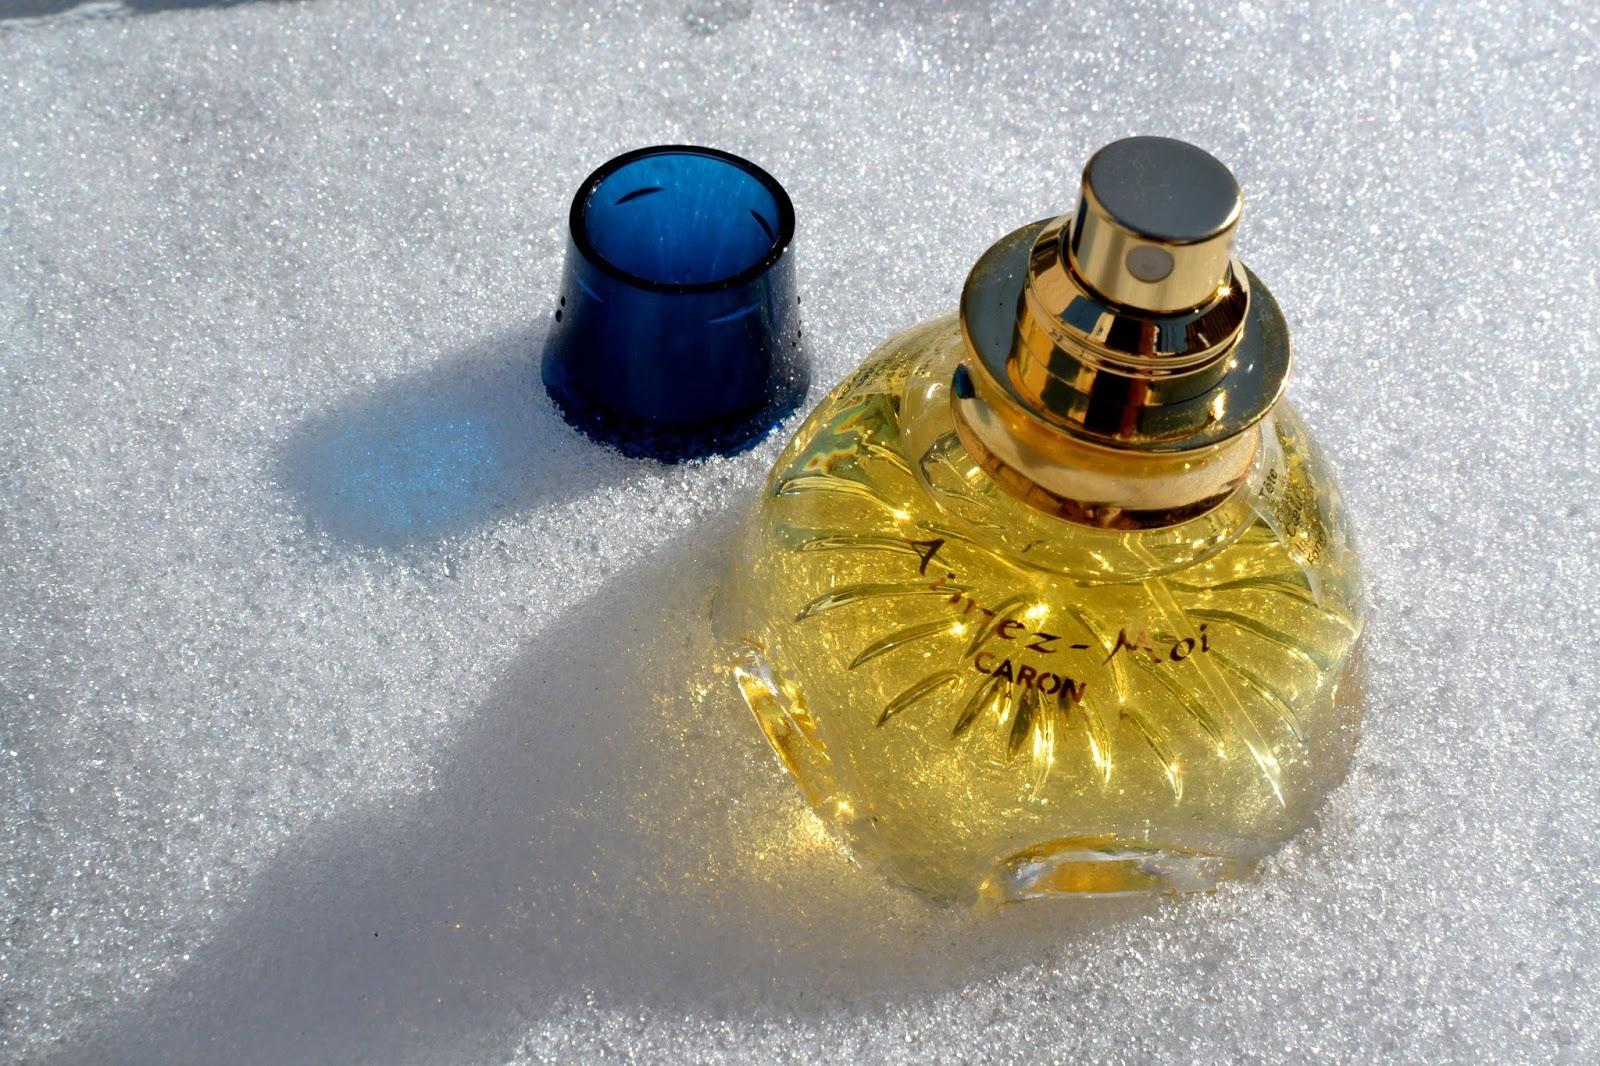 Caron Aimez-Moi perfume